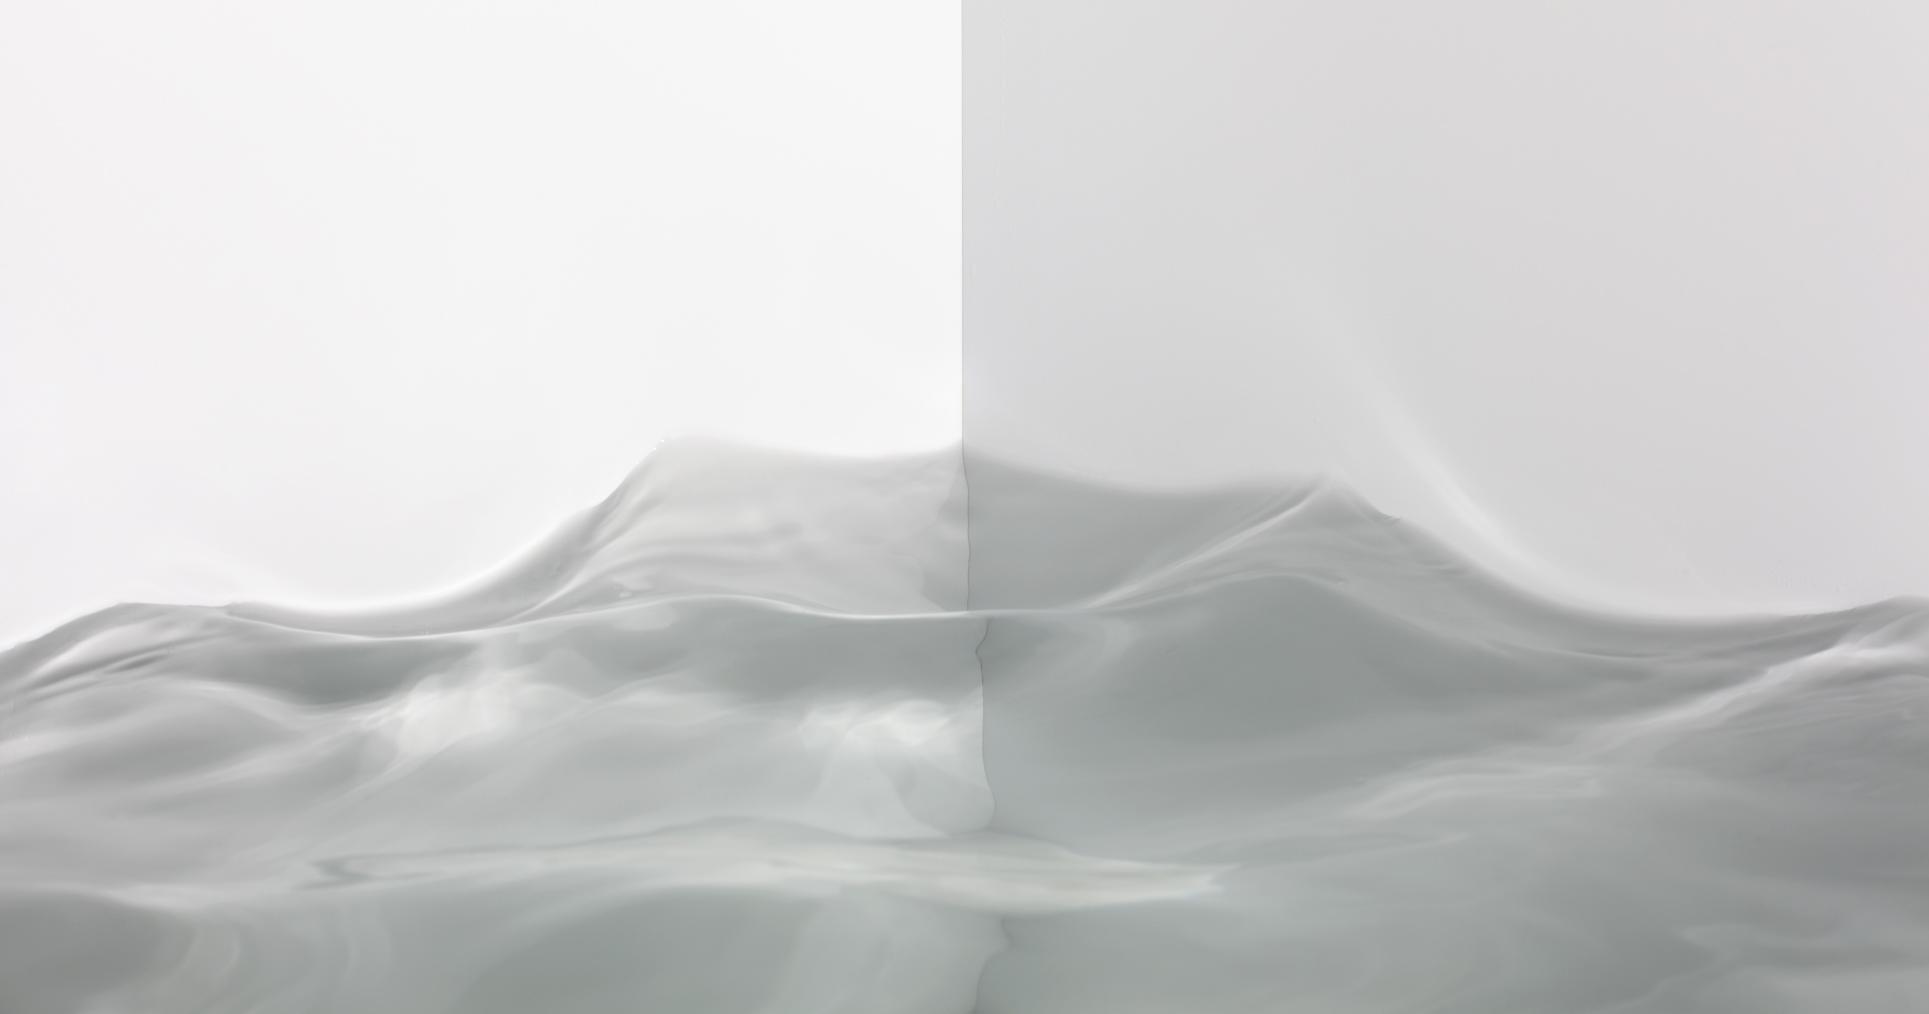 home-MerelvanBeukering-water